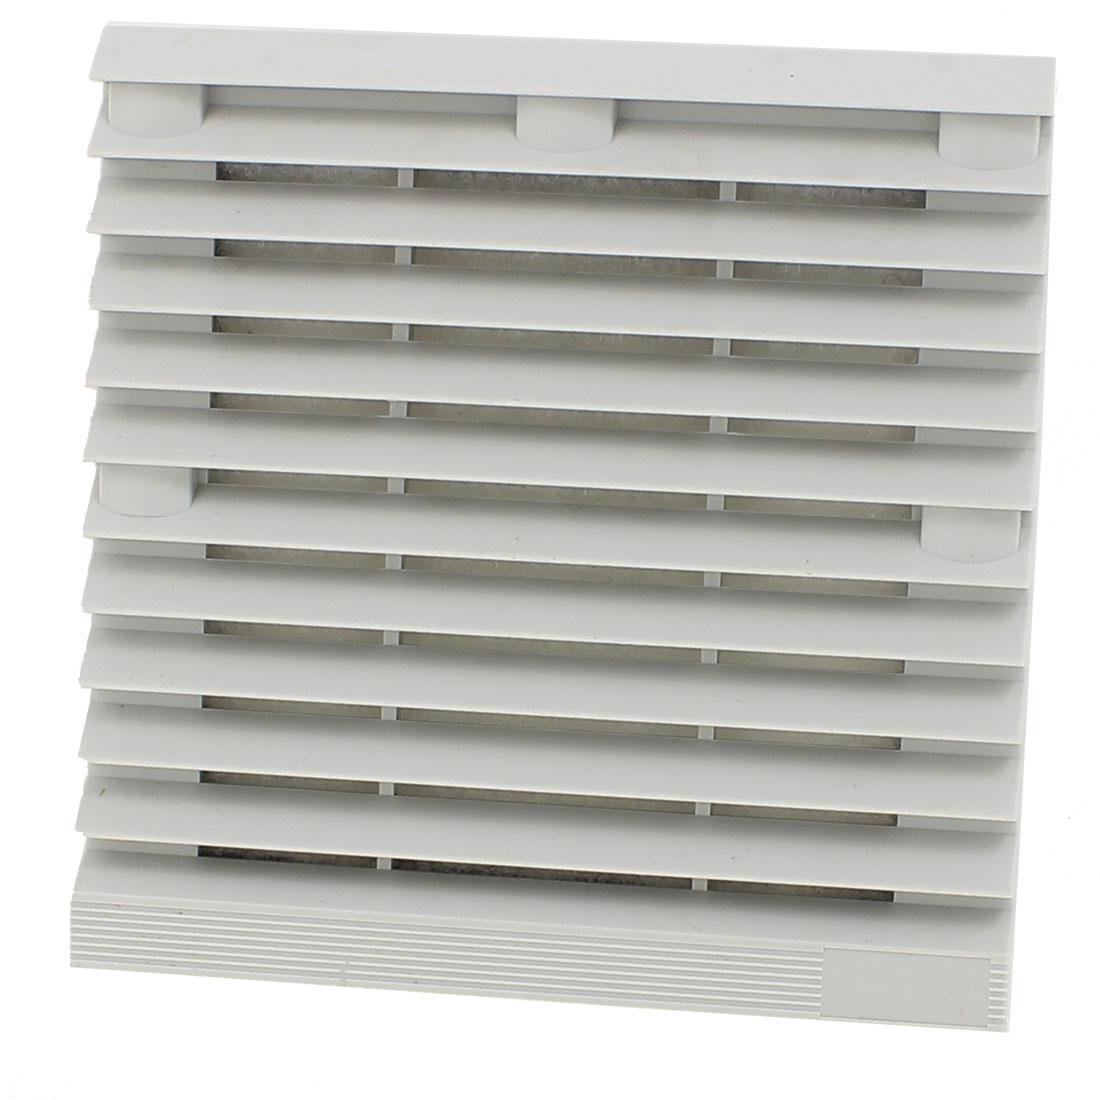 Gray 148.5mm x 148.5mm Plastic Cabinet Washable Axial Flow Fan Foam Dust Filter